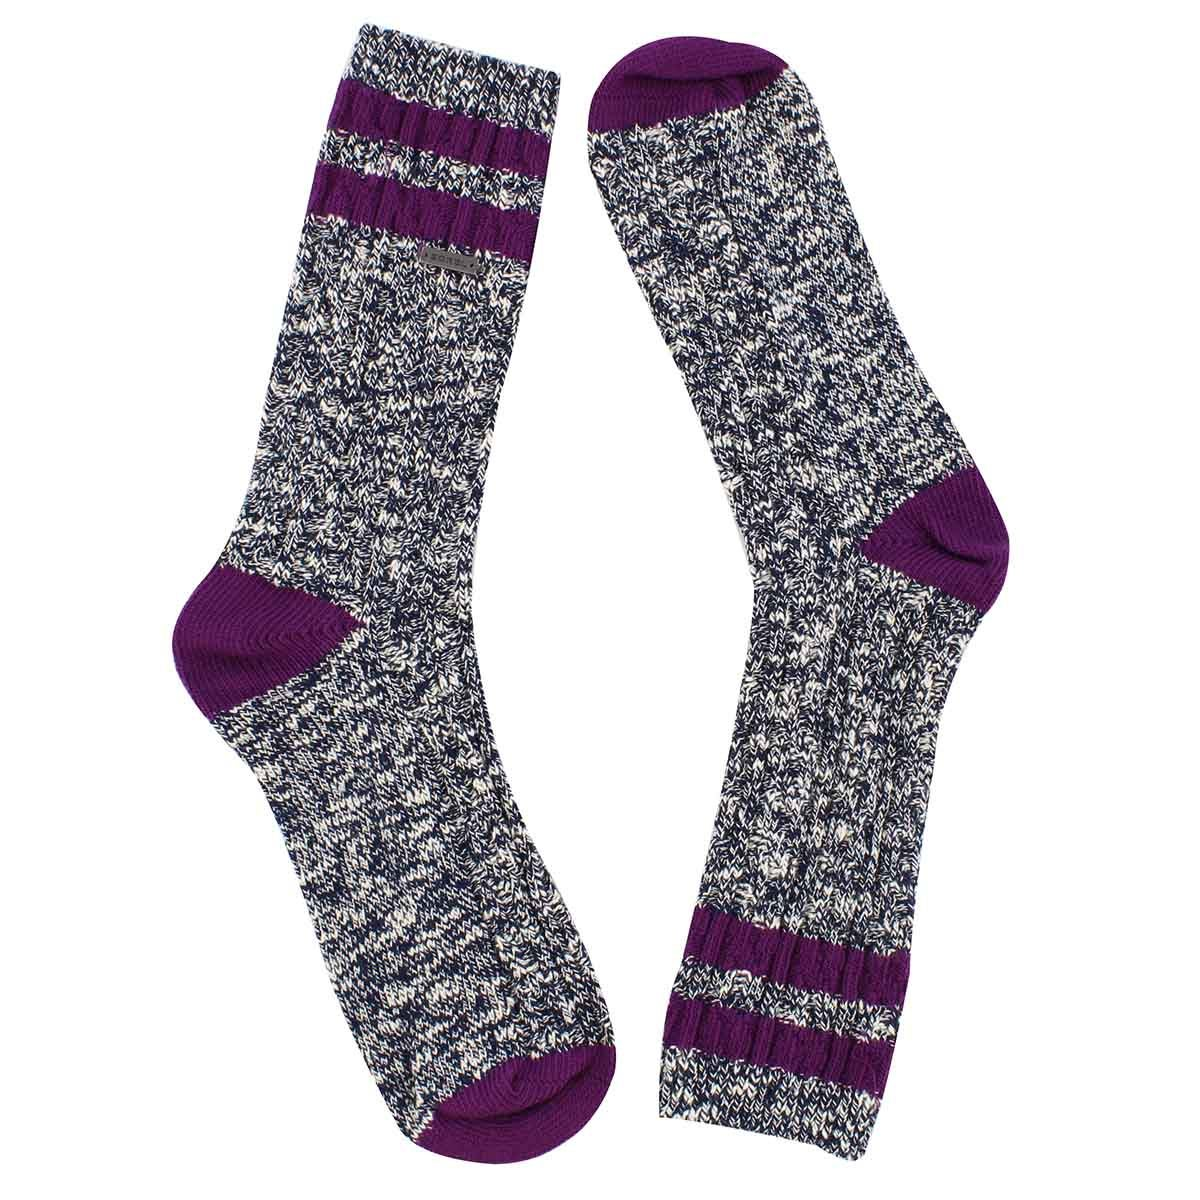 Lds VarsityStripe nvy/iris tall sock